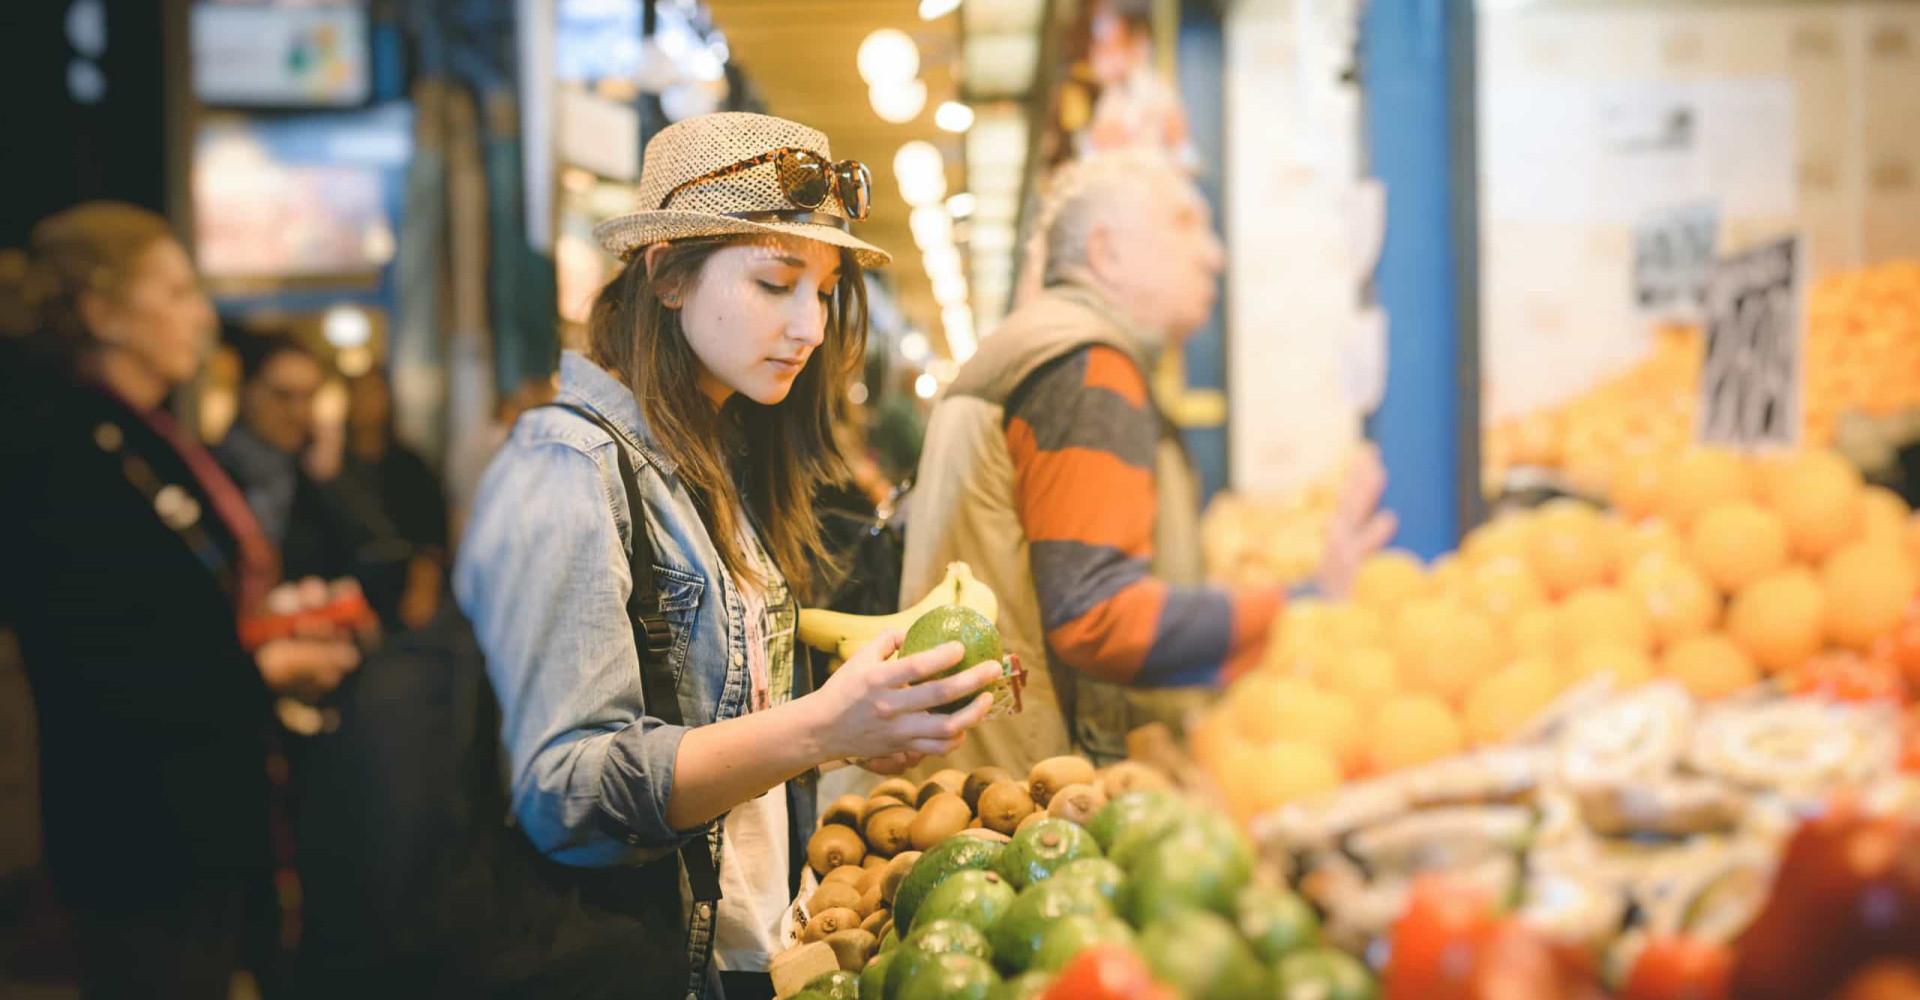 Mois Vegan: quelles destinations végétaliennes?